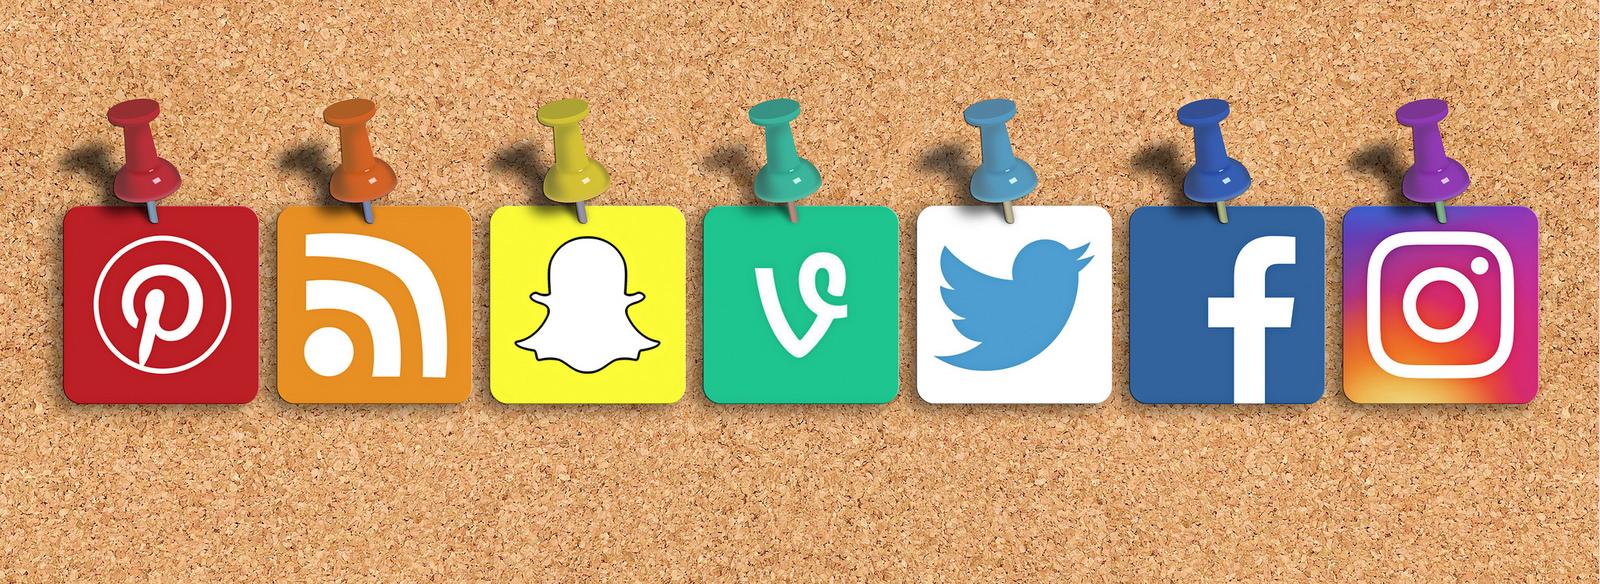 Marketing auf sozialen Medien